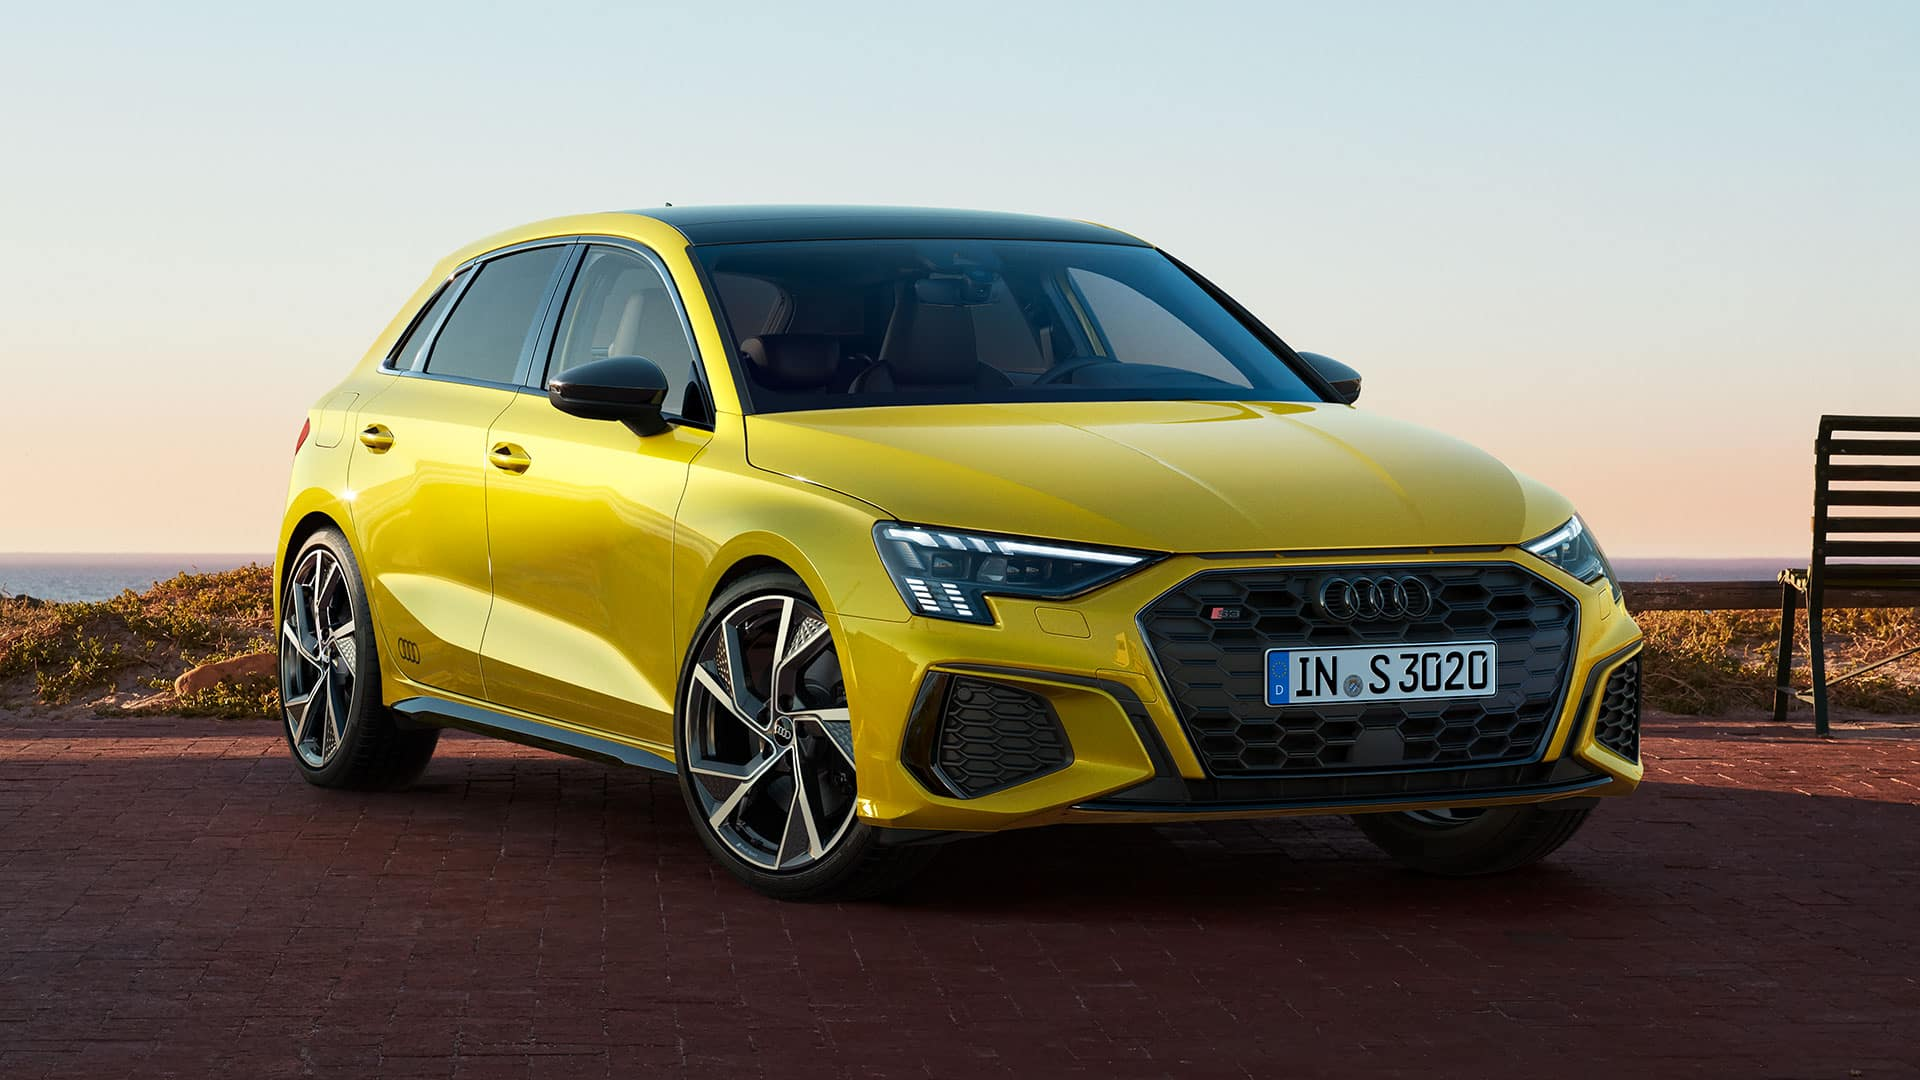 Kelebihan Kekurangan Audi A3 S3 Top Model Tahun Ini